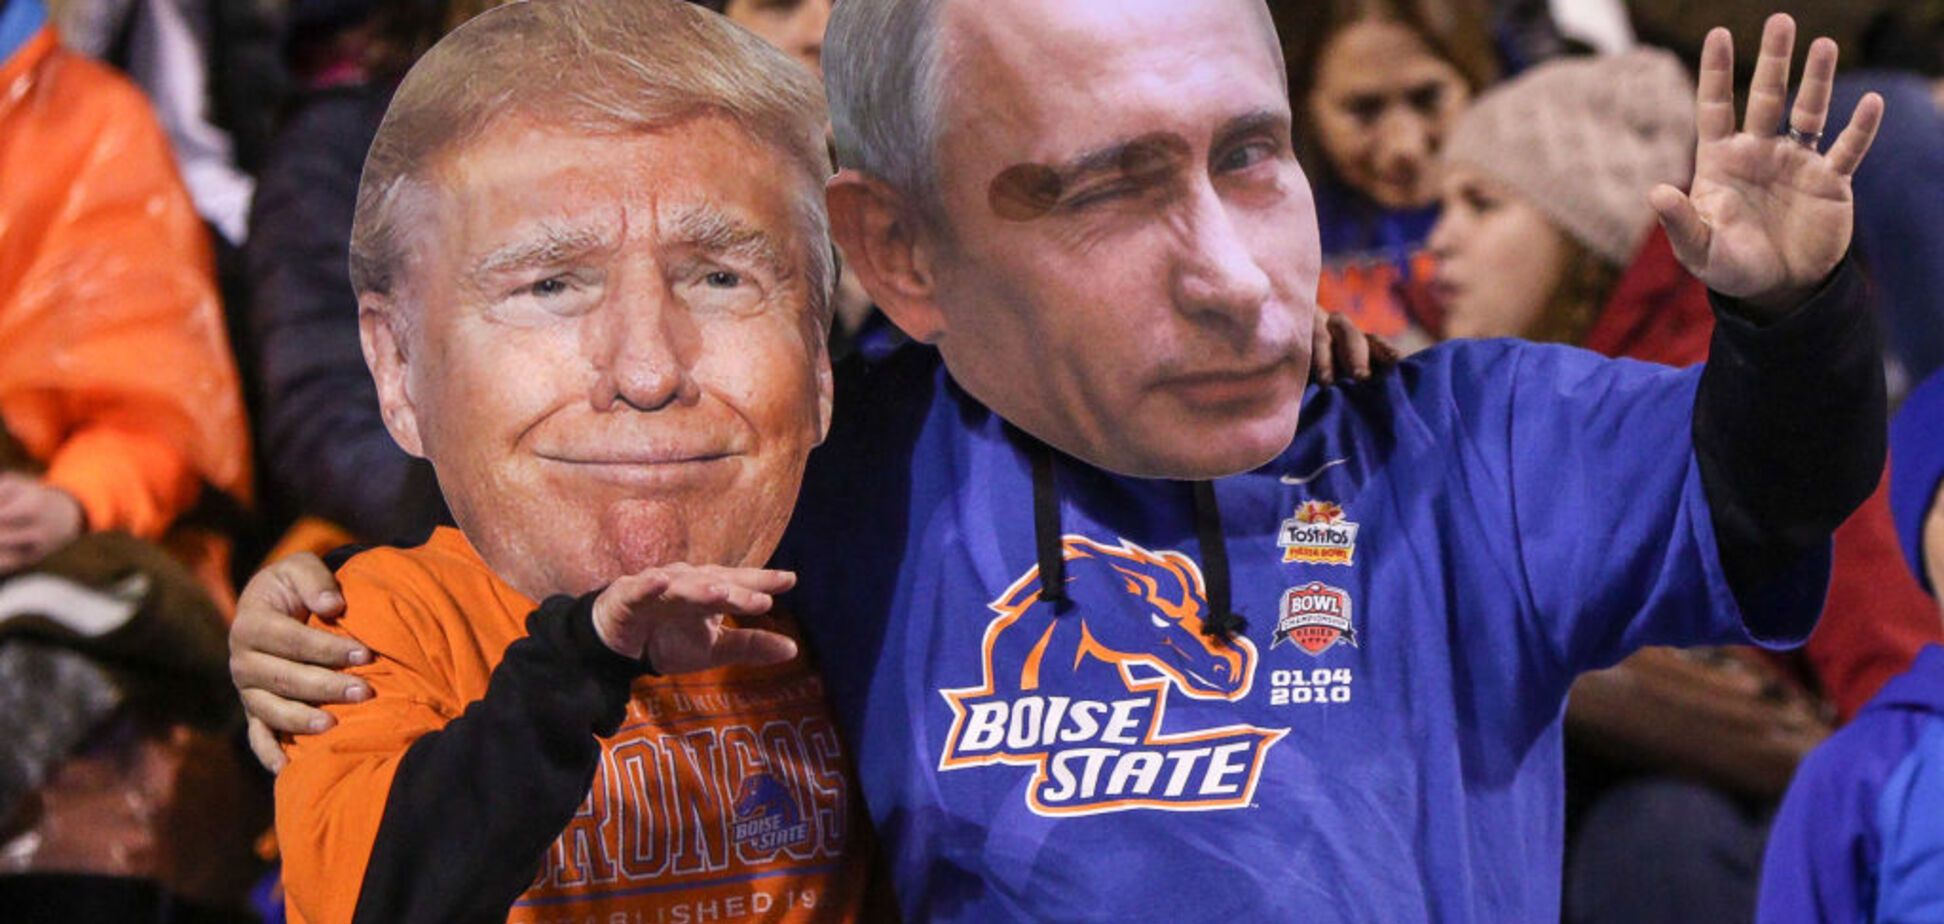 Как Трамп связан с российскими олигархами. Расследование. Часть 2